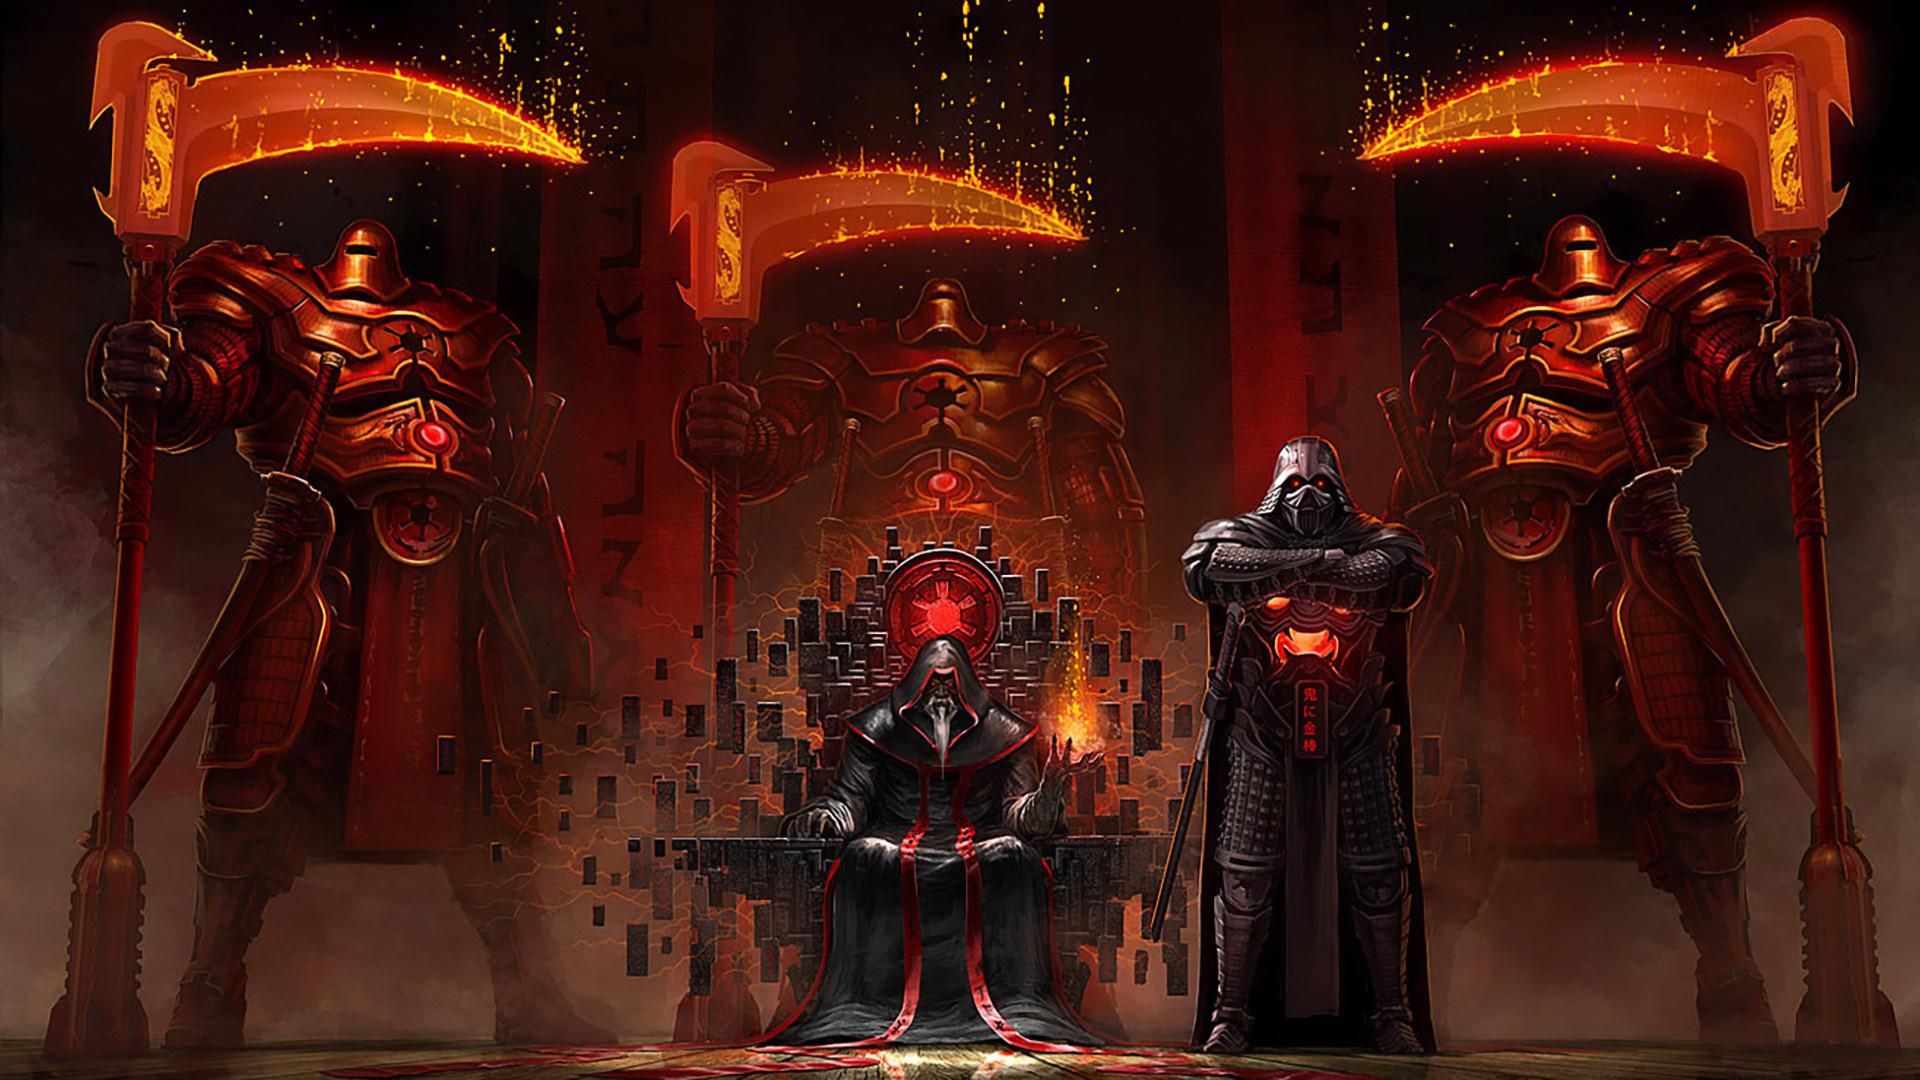 Sci Fi – Star Wars Warrior Armor Darth Vader Throne Scythe Wallpaper